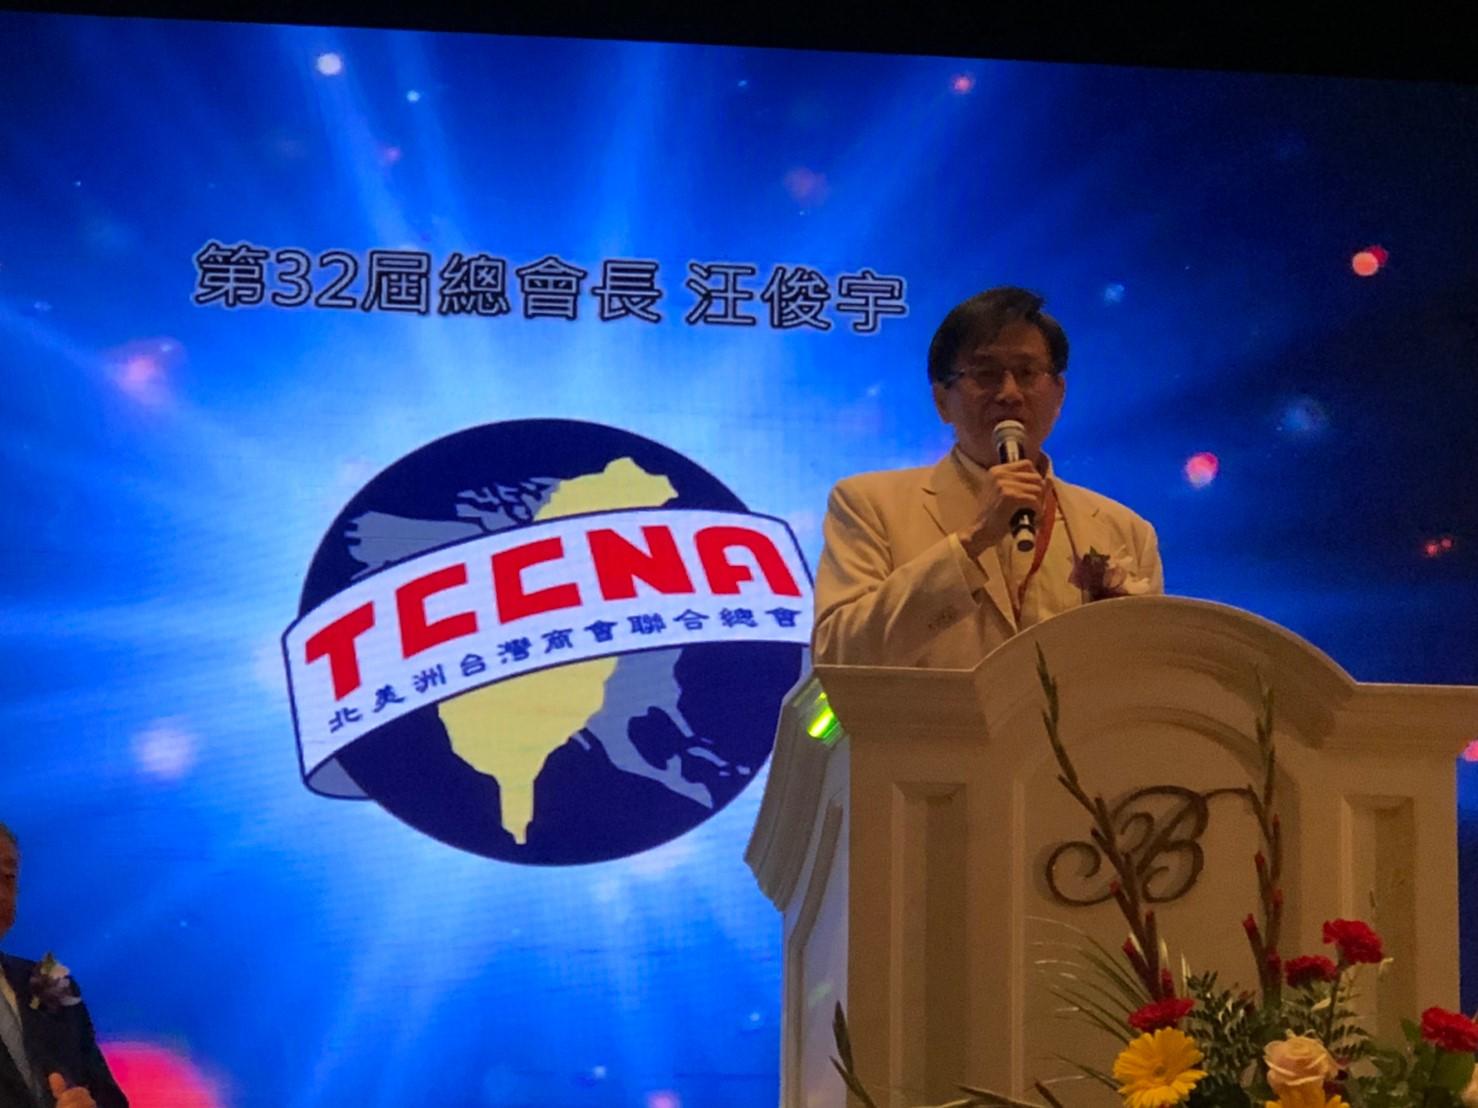 TCCNA 32 President - Jerry Wang 汪俊宇